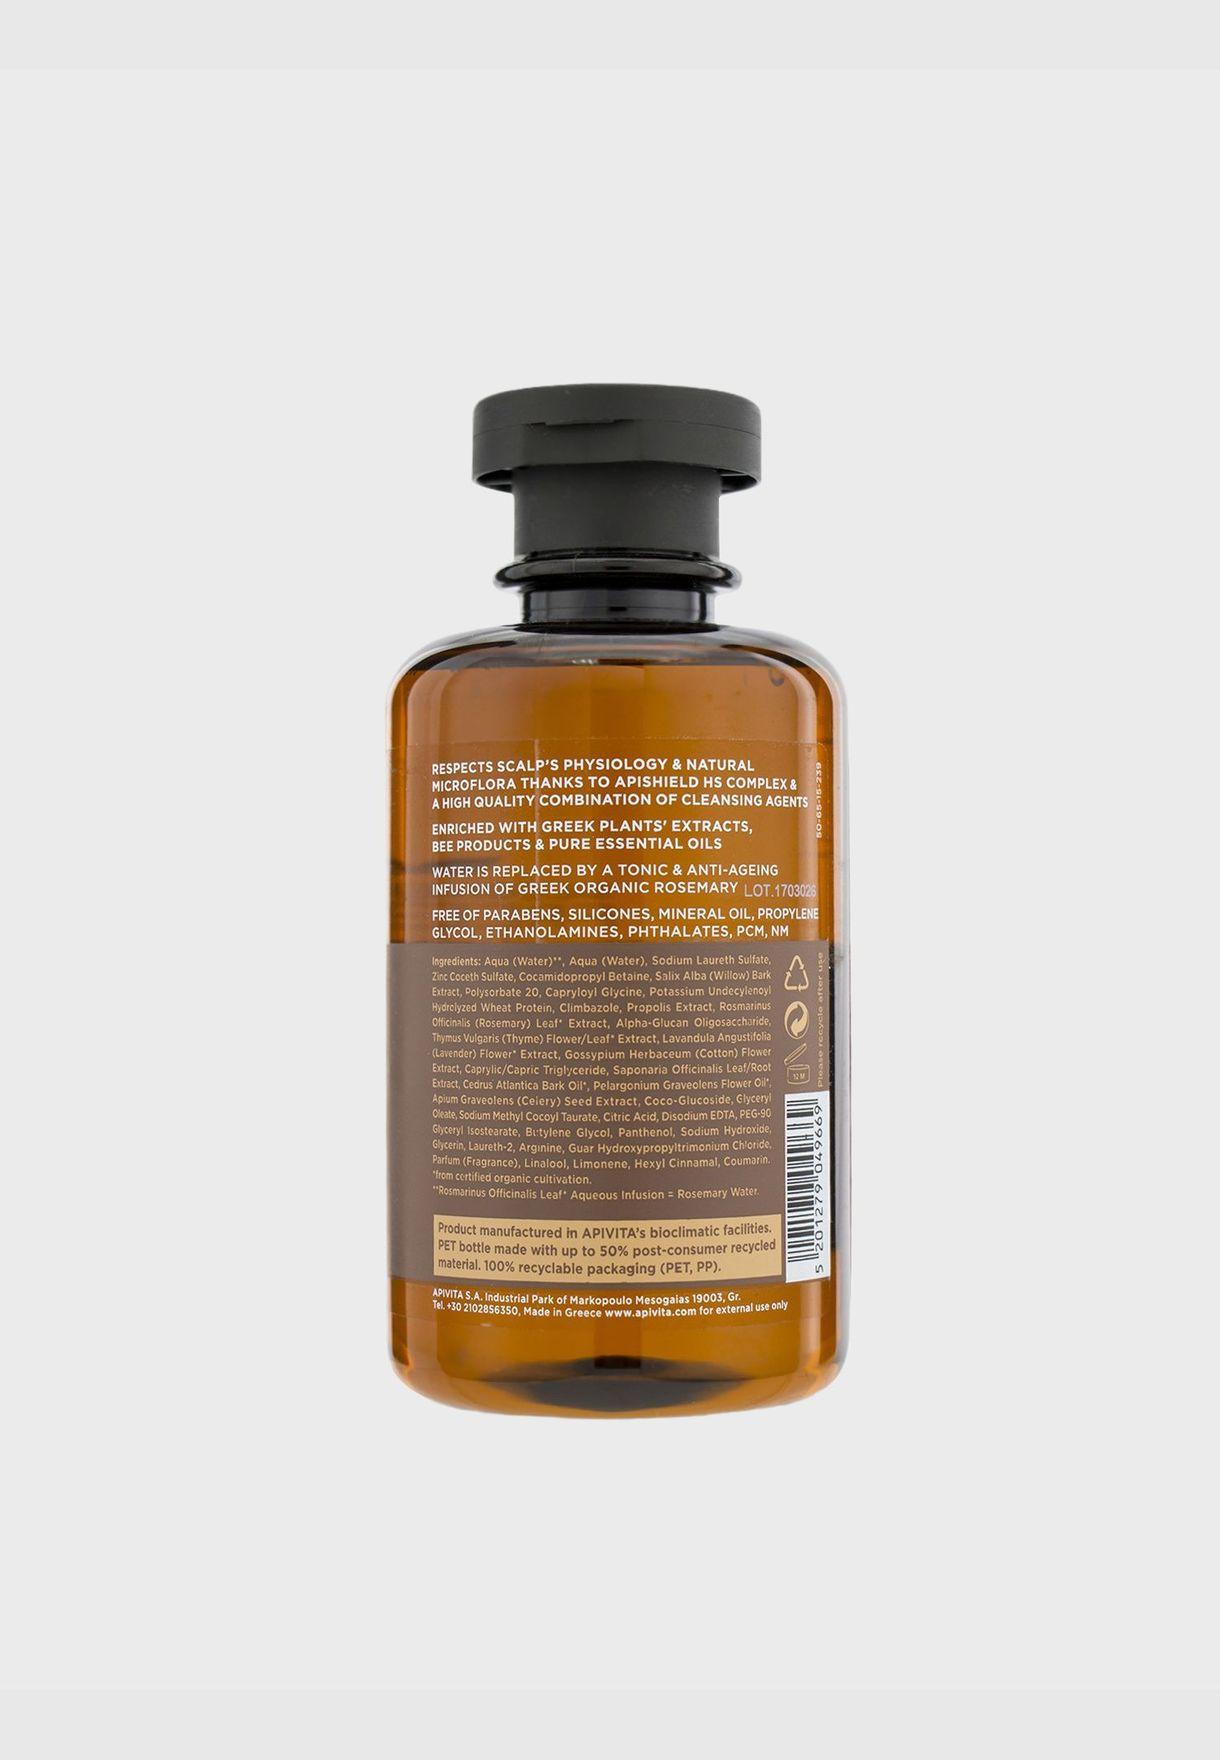 شامبو مضاد للقشرة والزيت بالصفصاف الأبيض والبروبوليس (لفروة الرأس الزيتية)